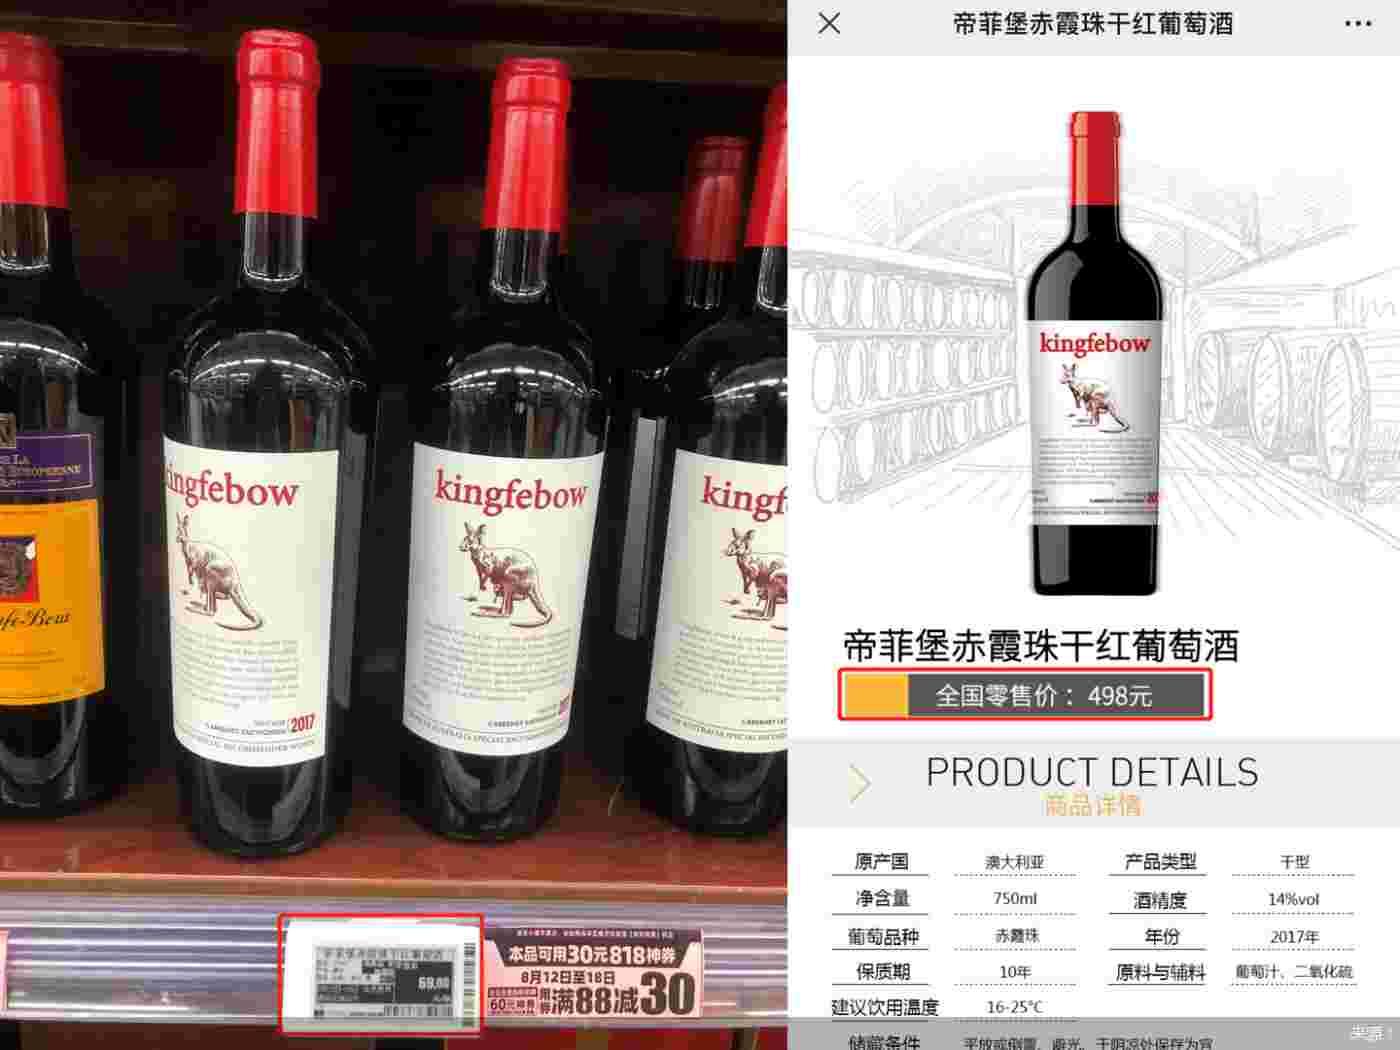 扫码价虚高 进口葡萄酒终端价格又有新猫腻